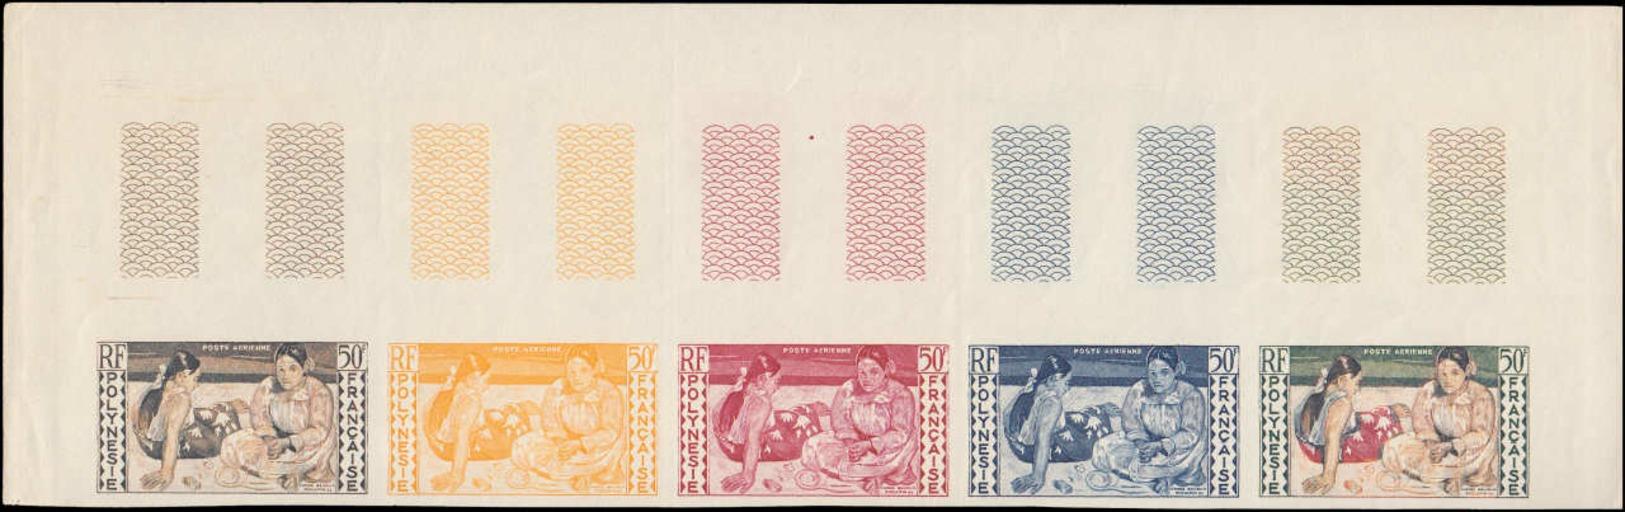 ** POLYNESIE - Poste Aérienne - 2, Bande De 5 Essais De Couleurs Dont Polychromes, Cdf: 50fr. Tahitiennes De Gauguin - Non Classés